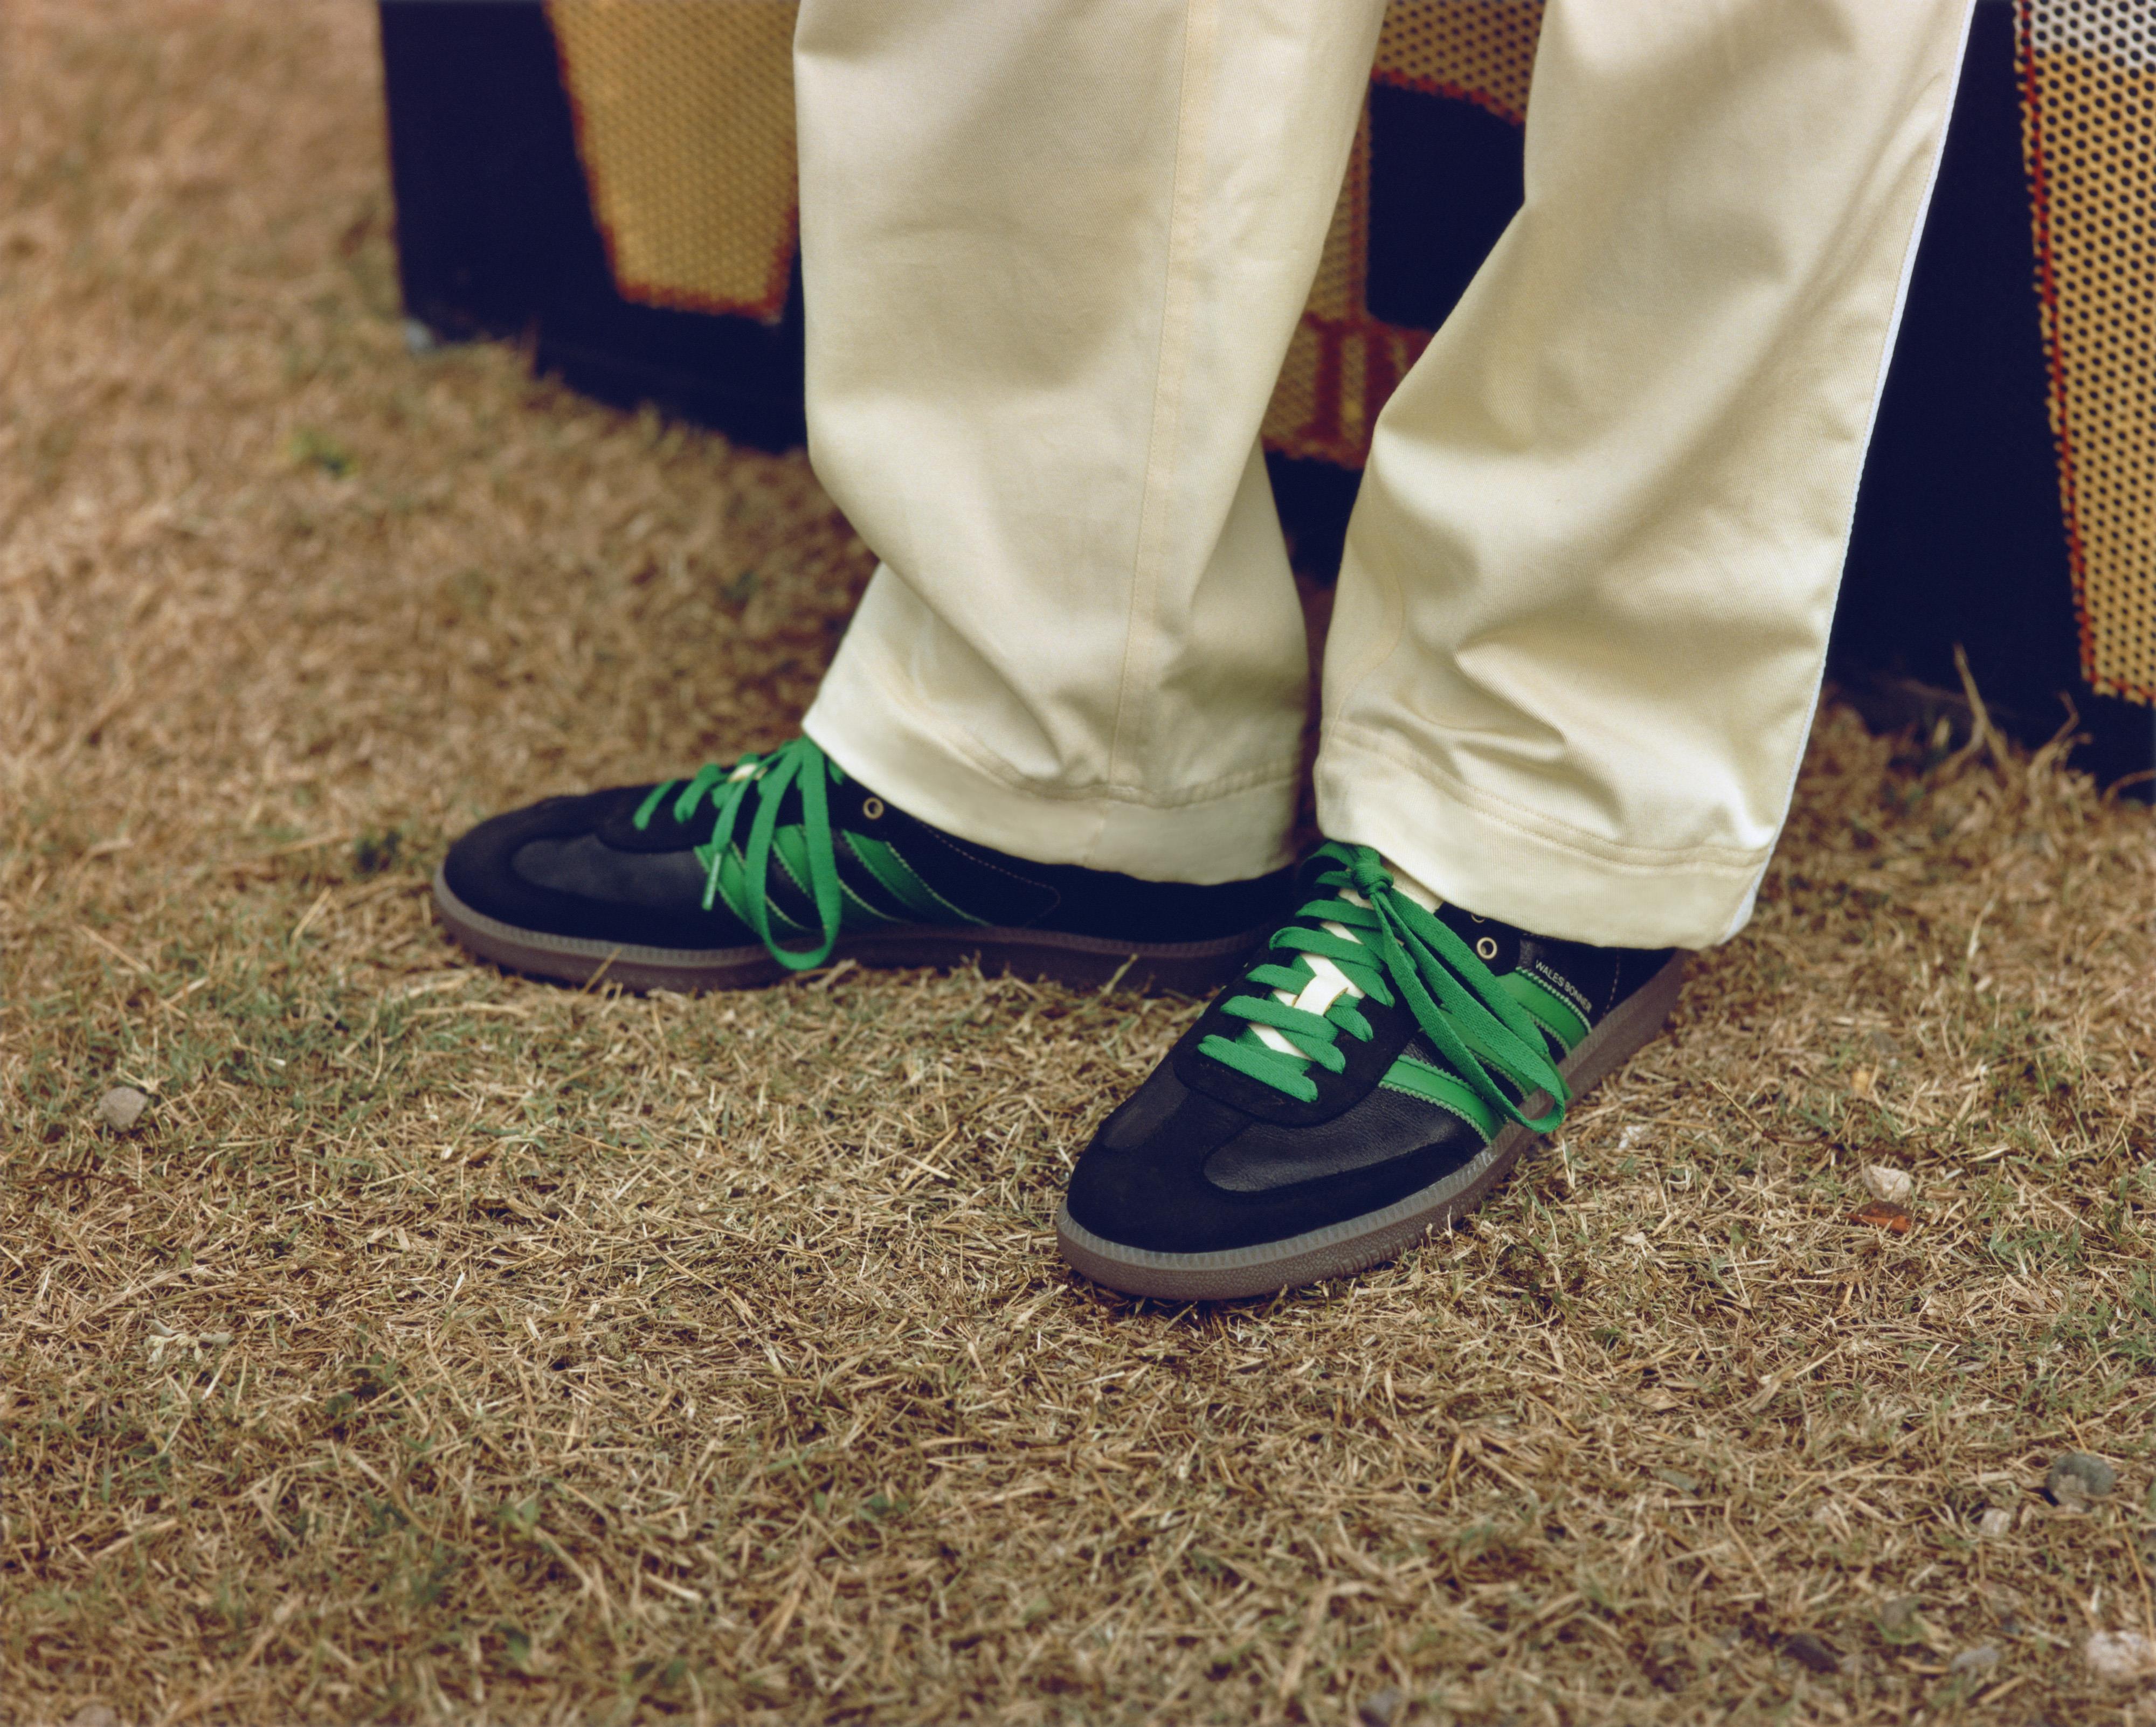 Adidas WB Samba